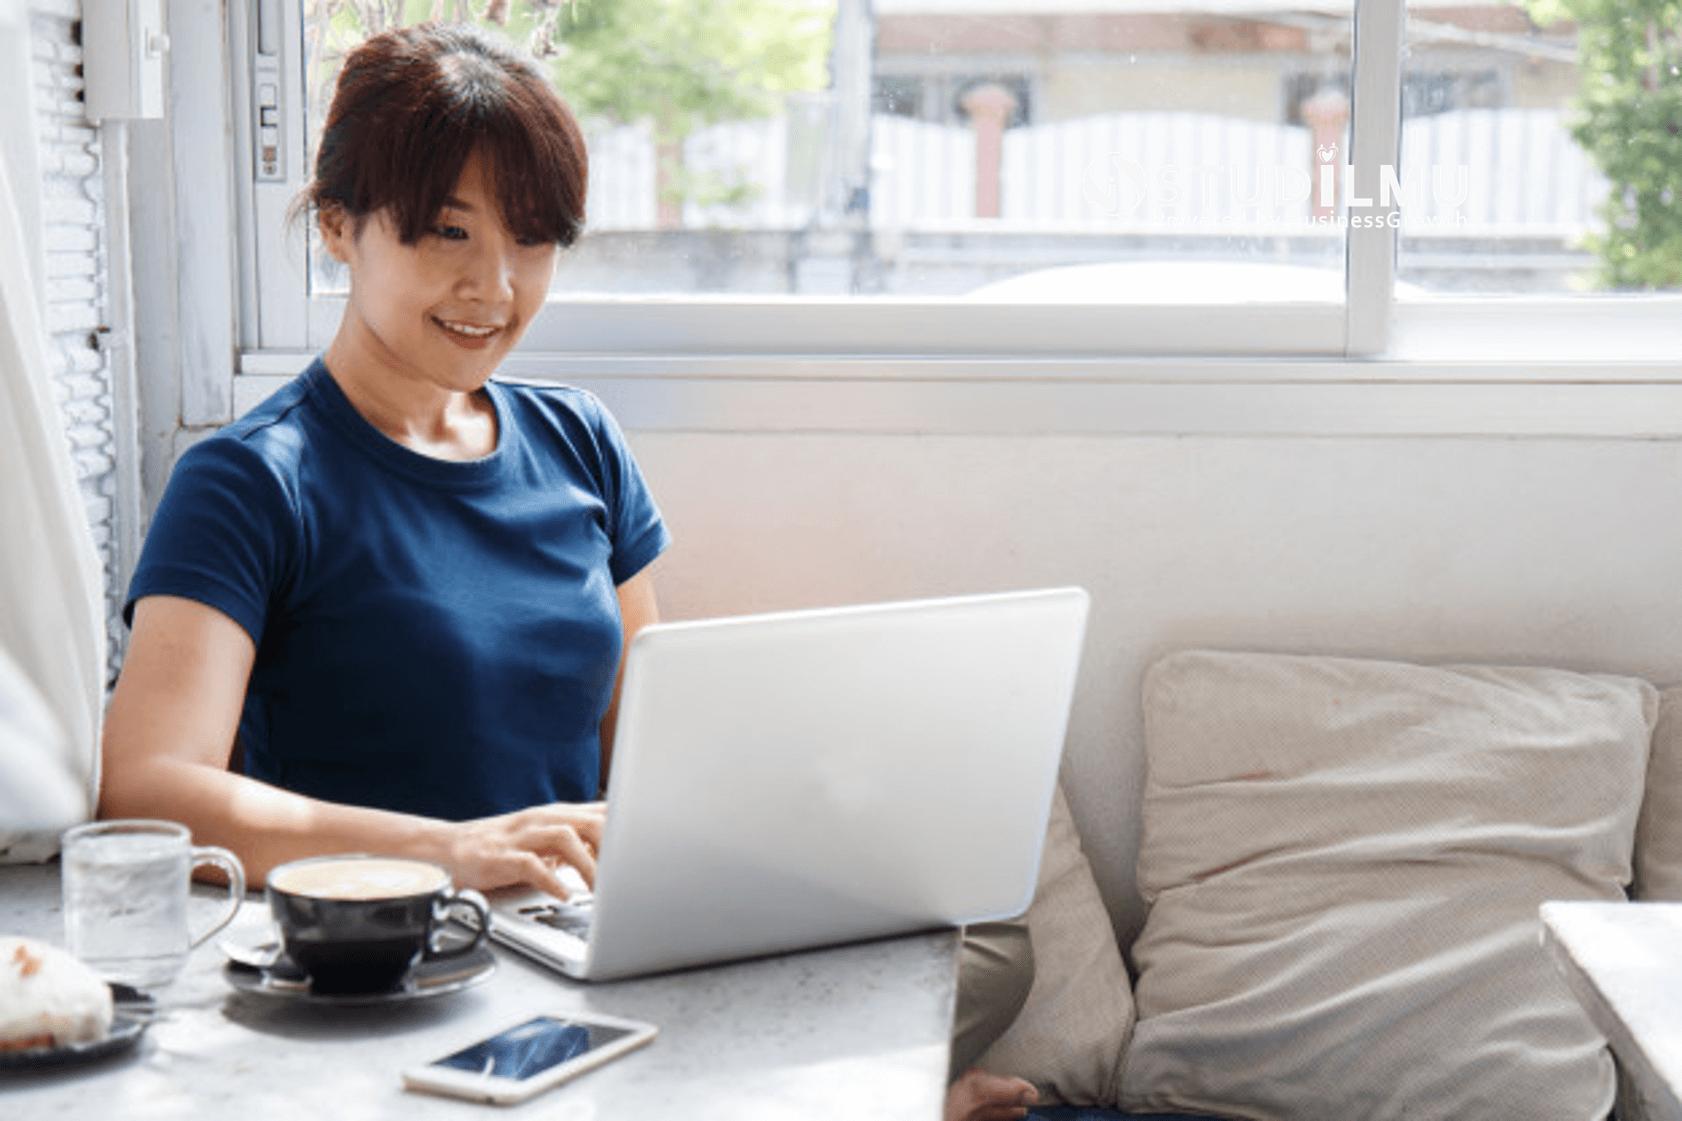 STUDILMU Career Advice - Ruang Co-Living Menjadi Inovasi Terbaru di Indonesia